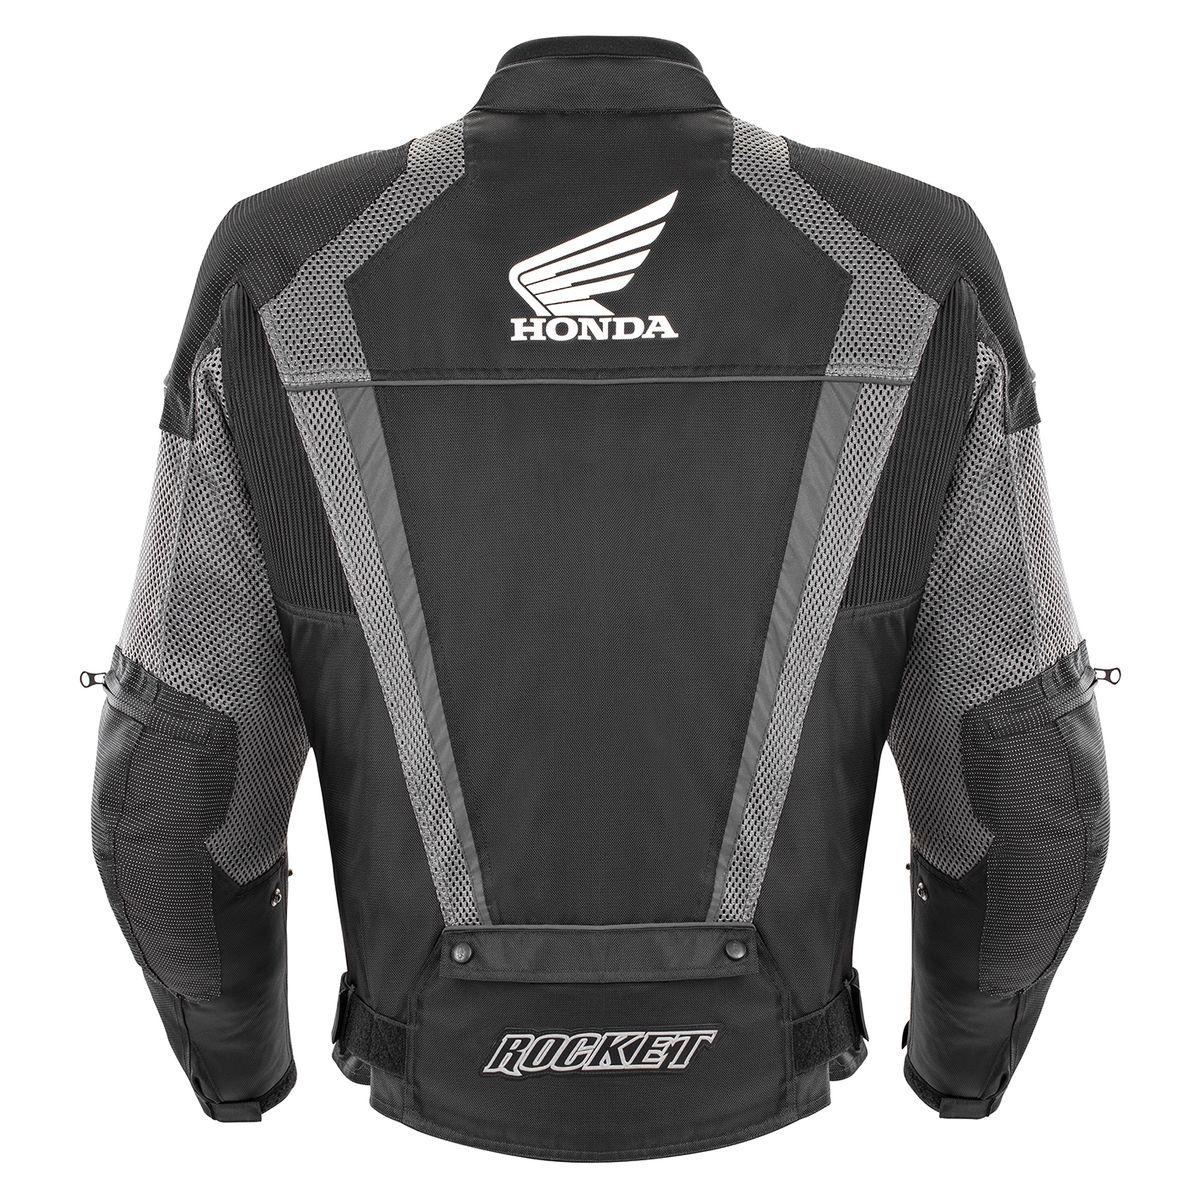 Joe_rocket_honda_vfr_jacket_rollover (1)  Joe_rocket_honda_vfr_jacket_rollover (2)  Joe_rocket_honda_vfr_jacket_rollover